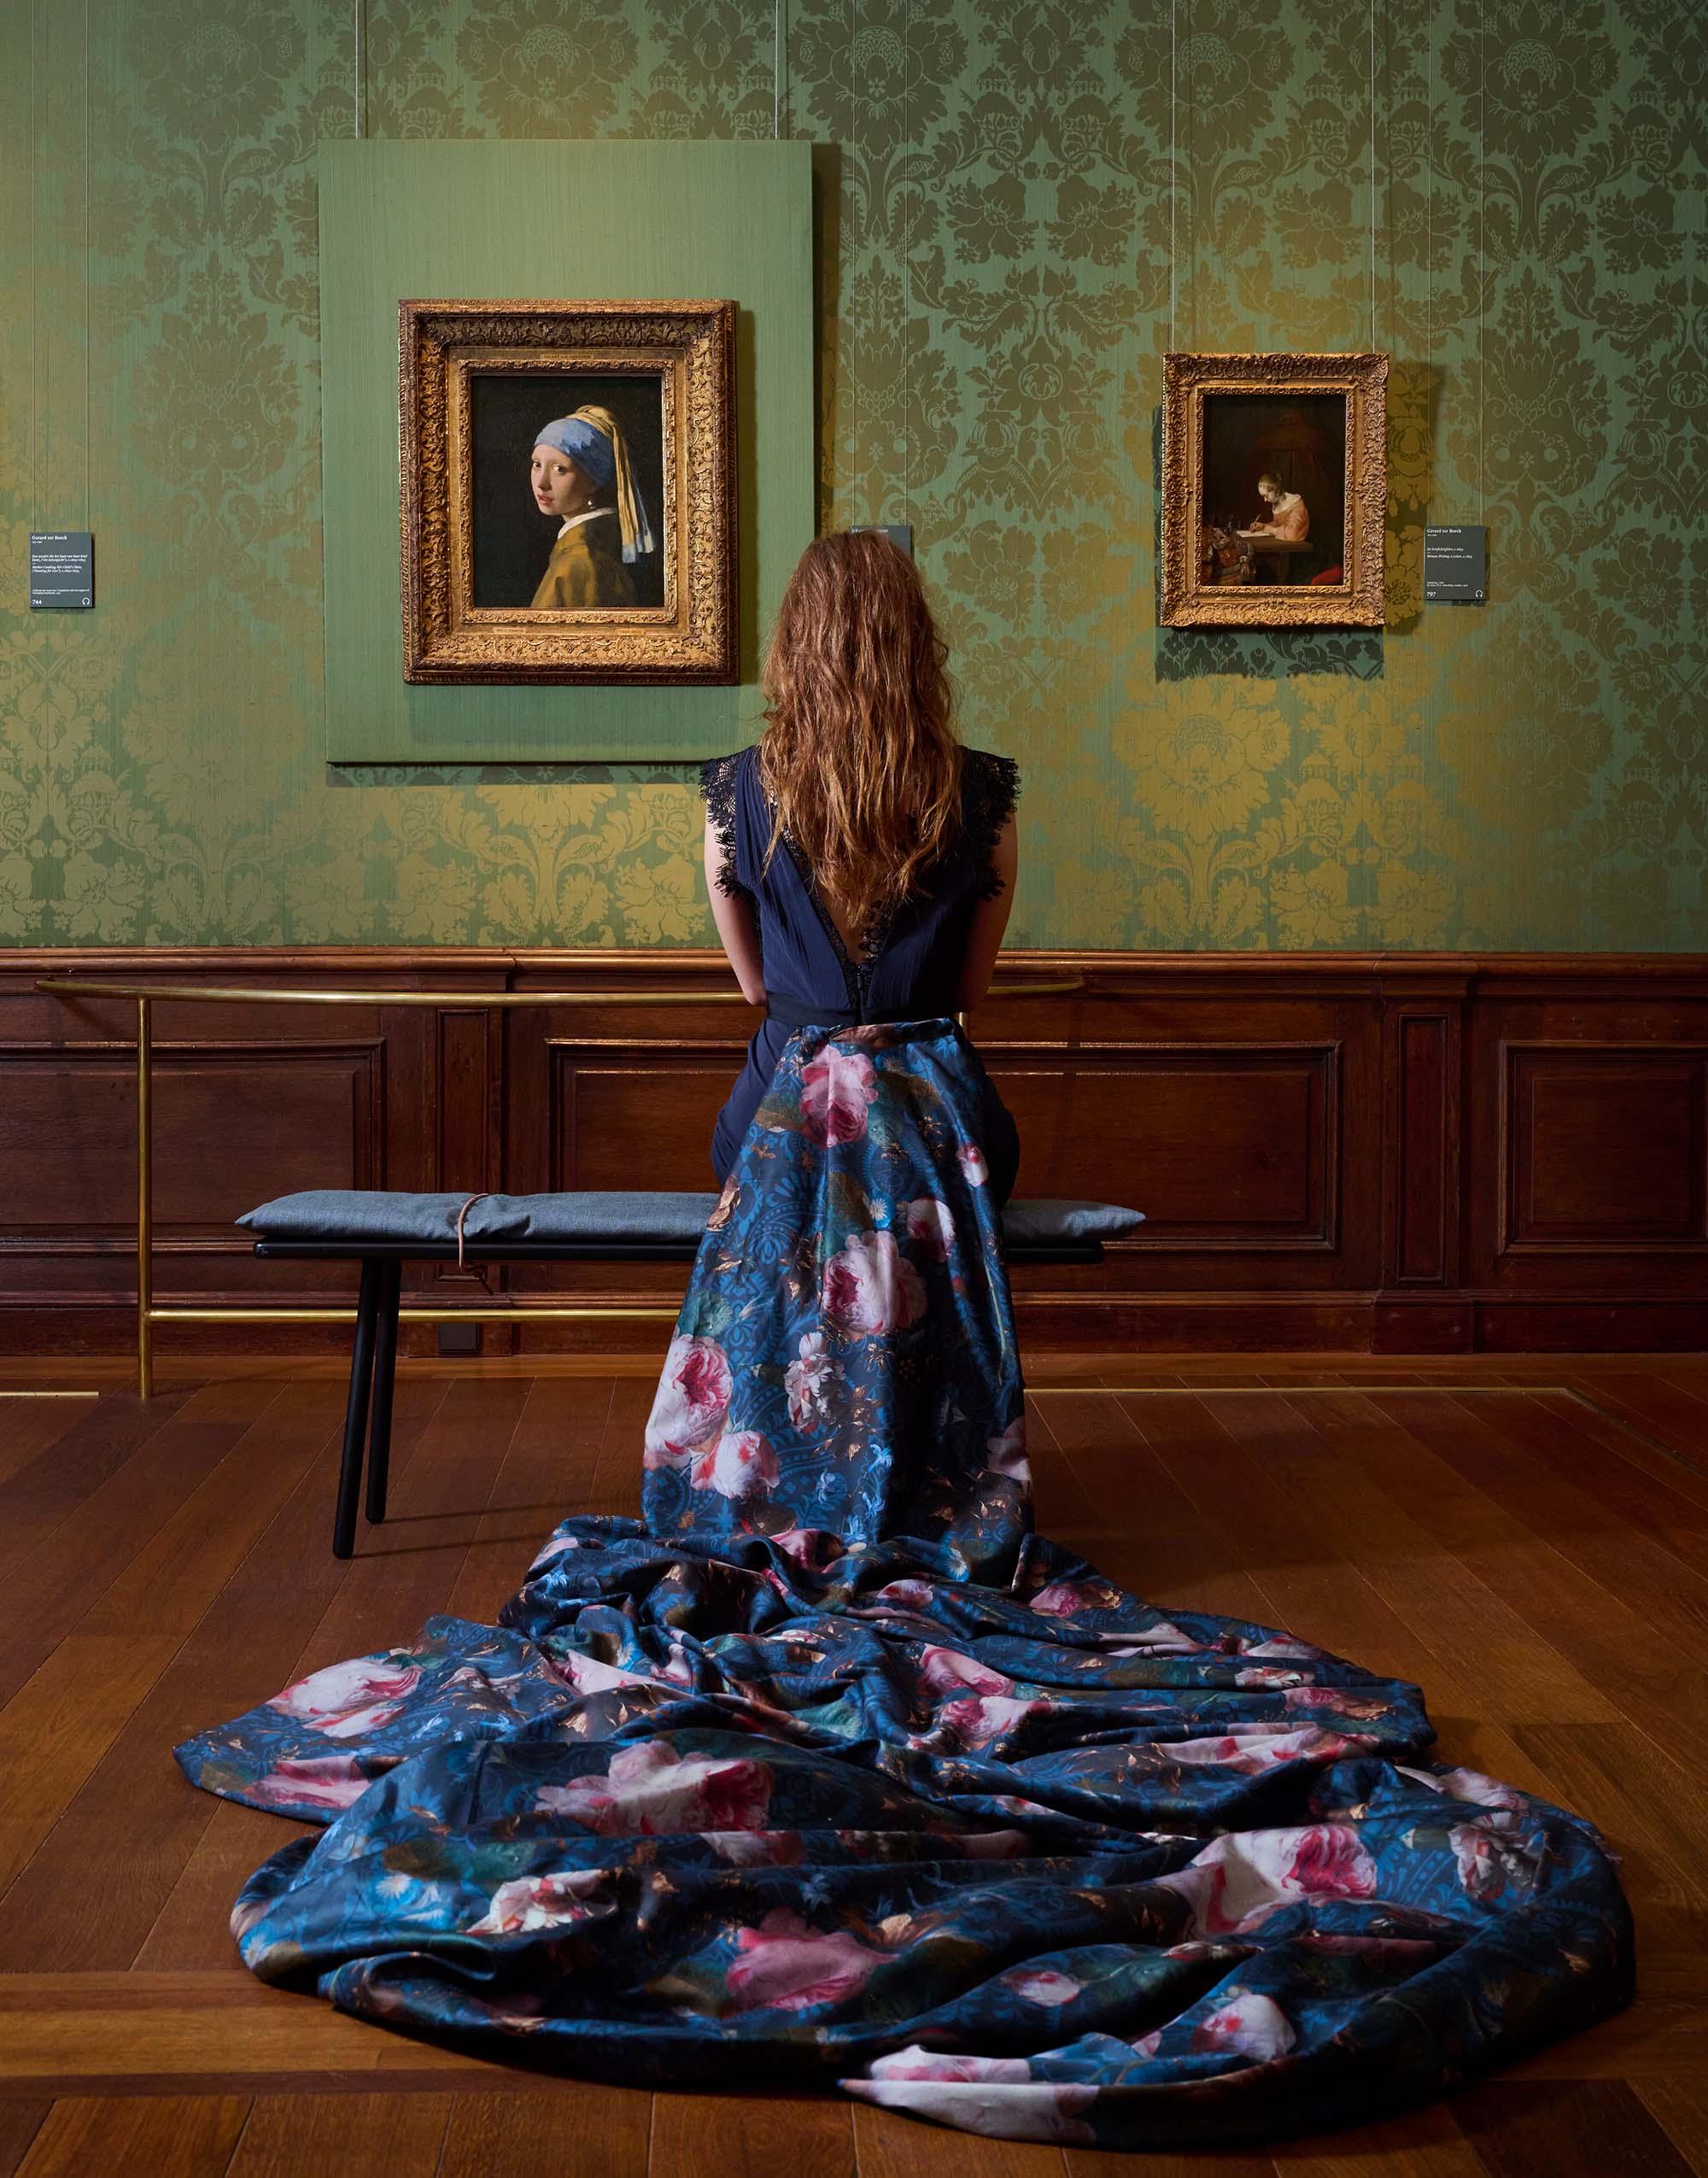 Essenza Gallery of Roses Nightblue Duvet cover 200 x 200